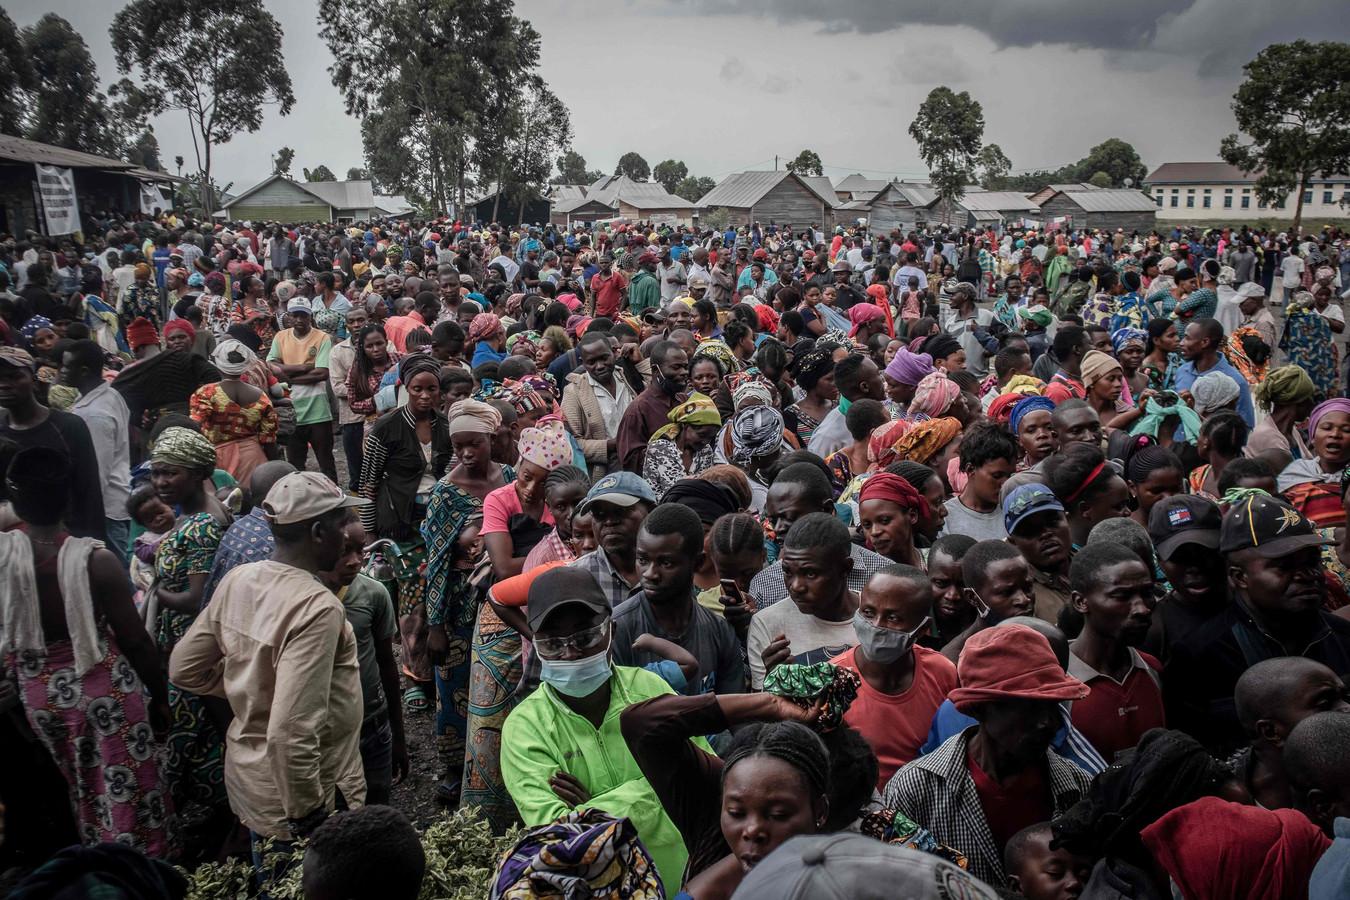 Meer dan 20.000 mensen uit de regio sloegen op de vlucht.